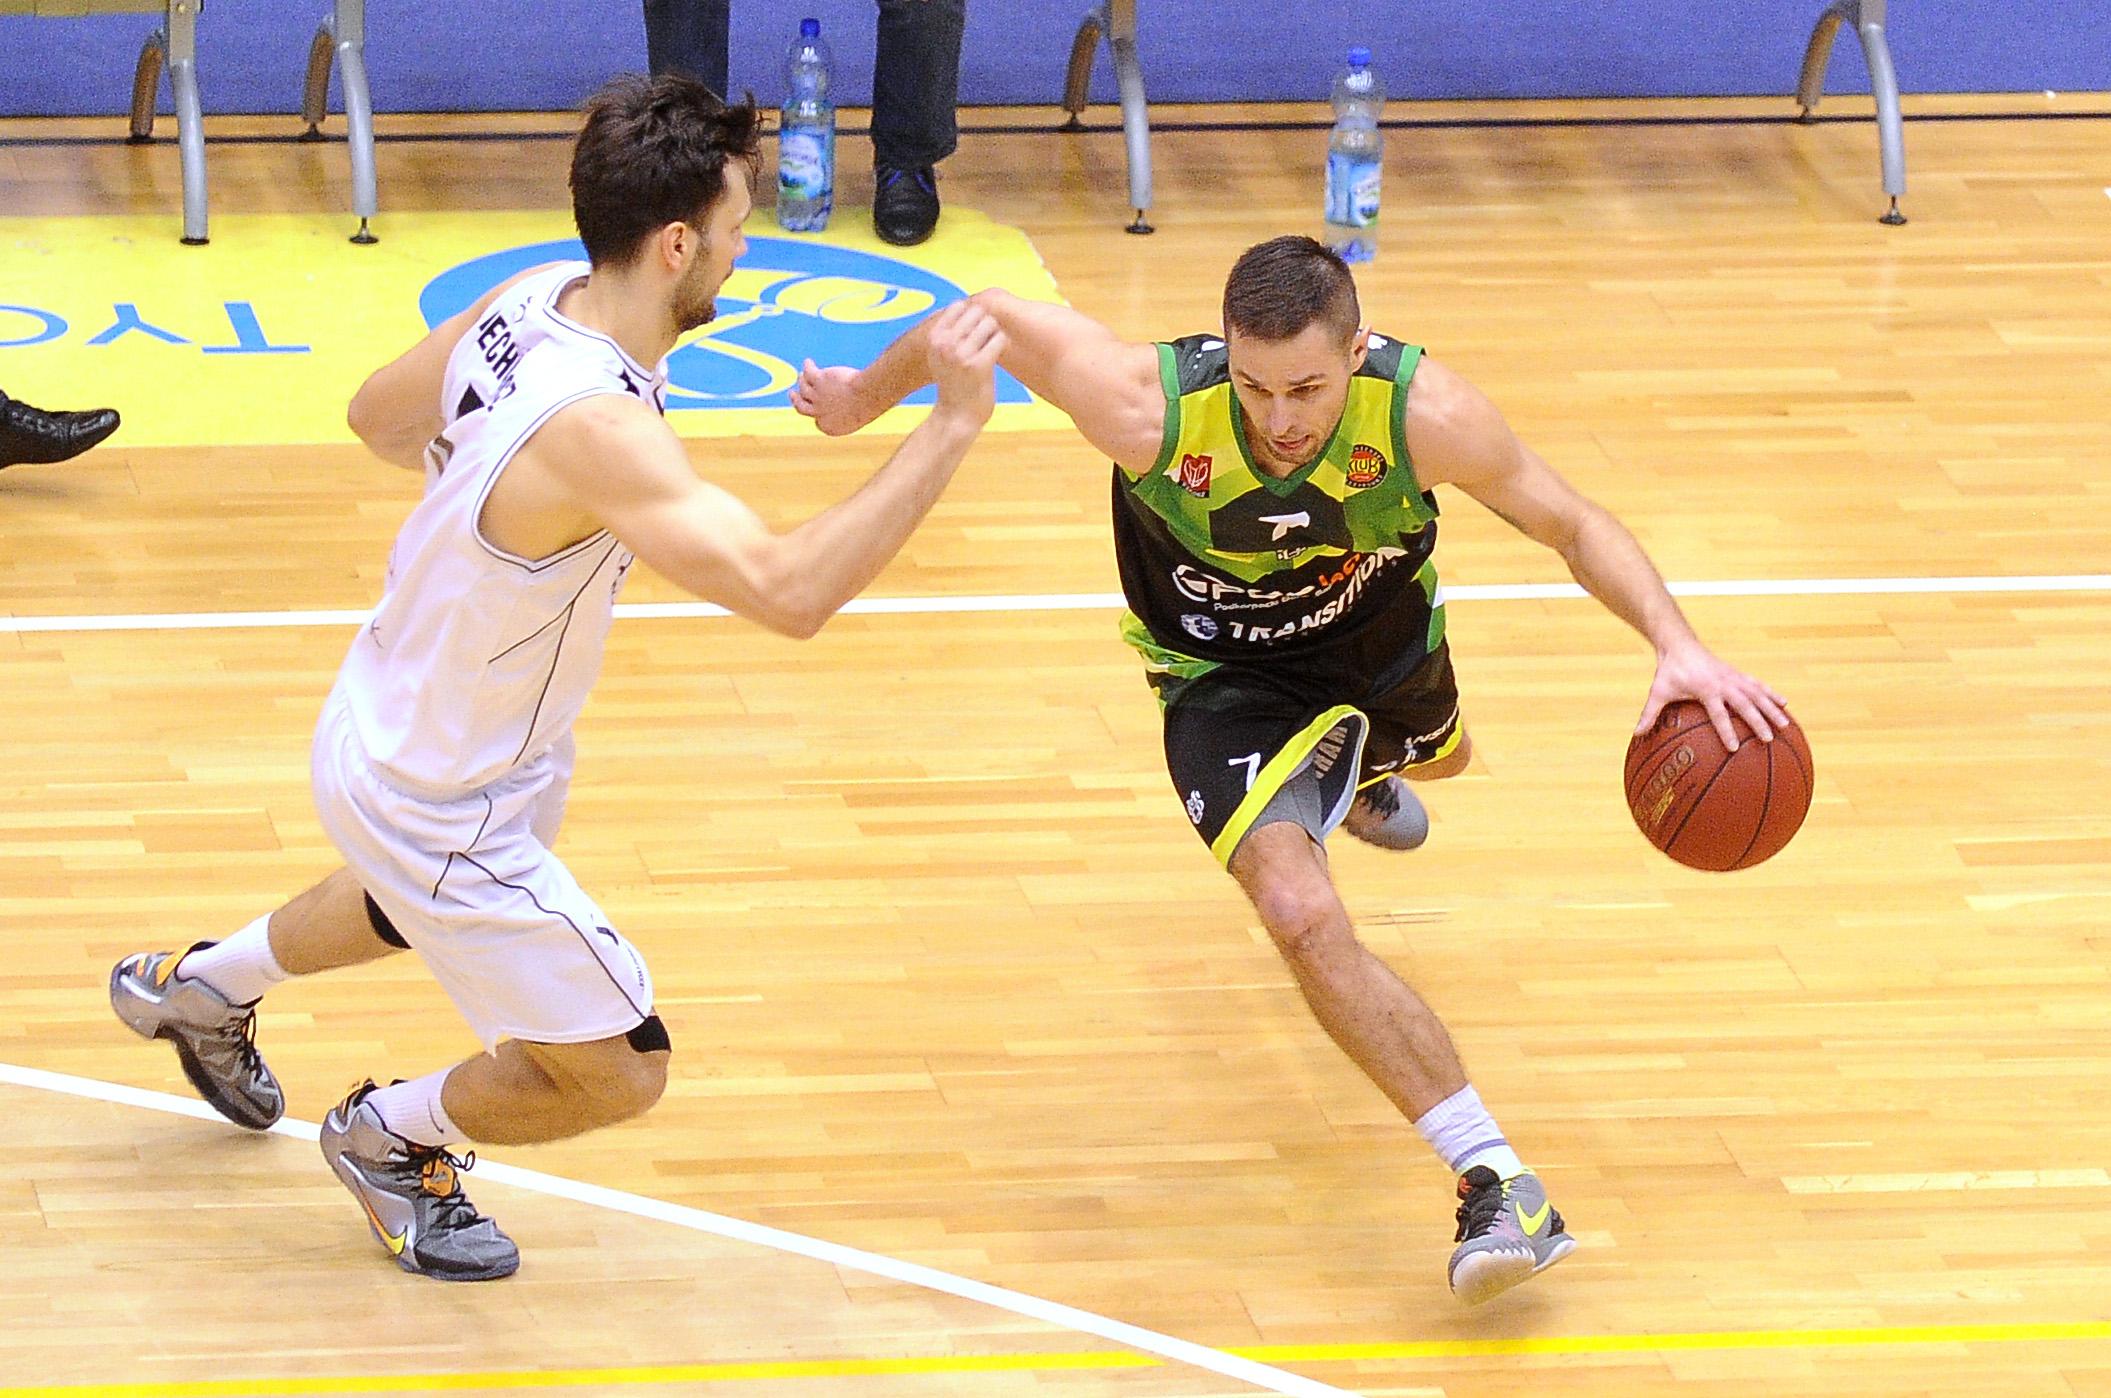 Koszykarze zagrają w domu